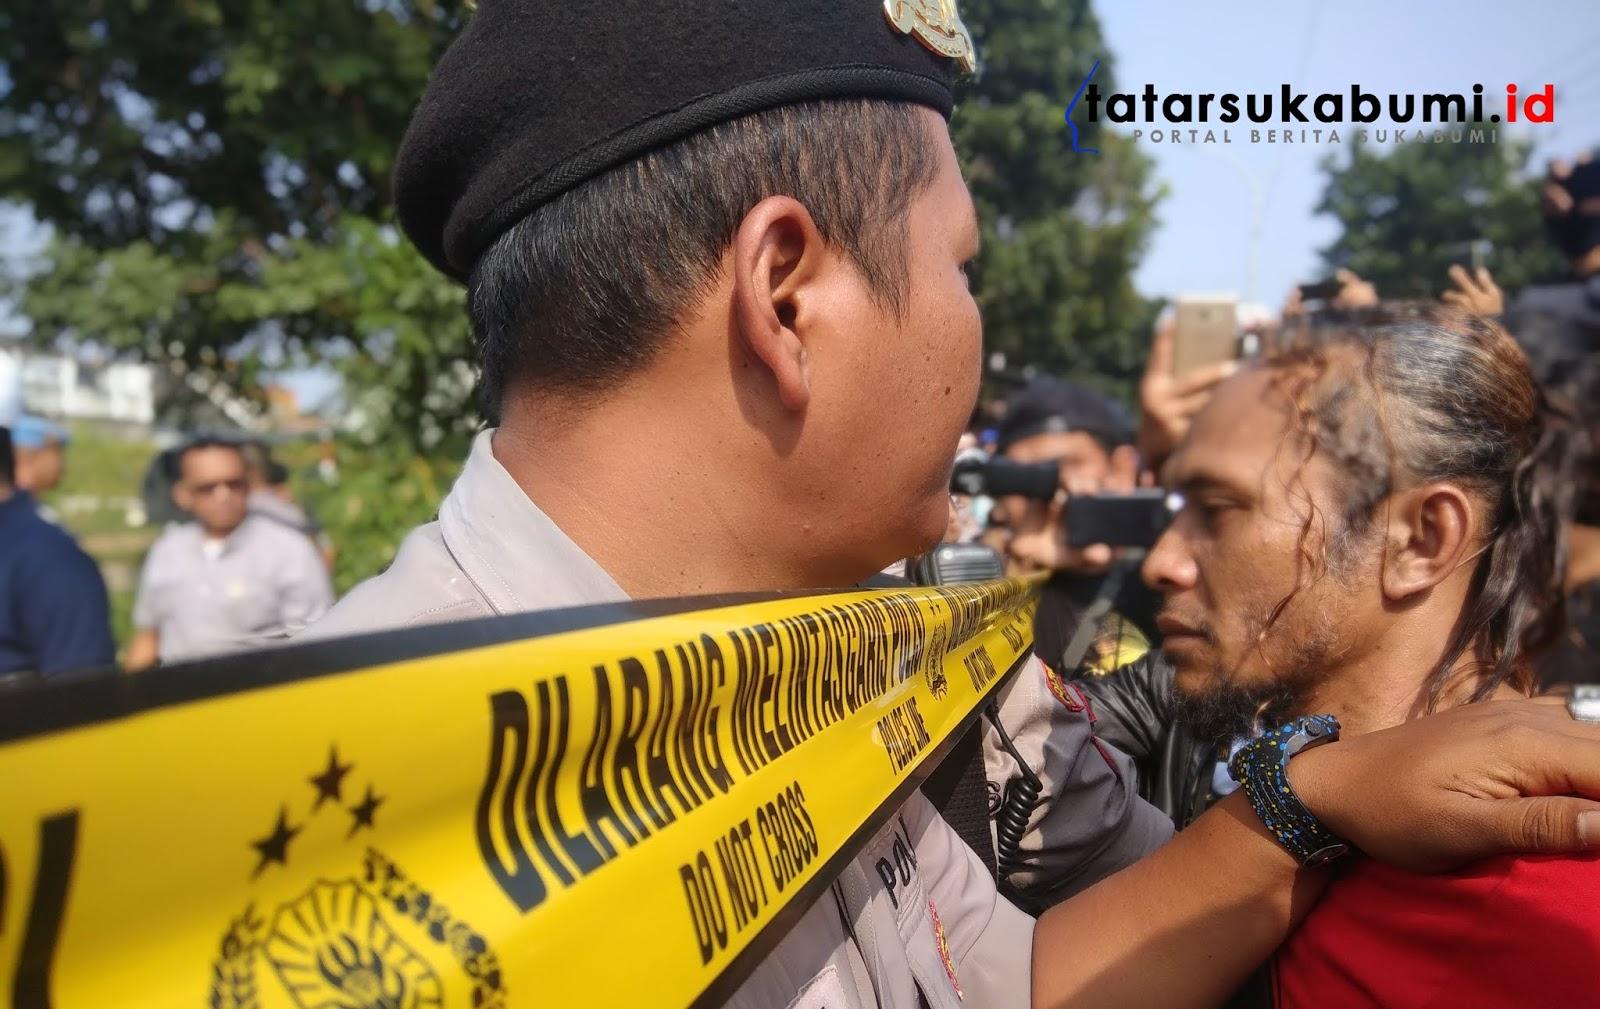 Rekontruksi Kasus Pembunuhan Gadis Cantik Berkerudung, Gunalan : Saya Minta Pelaku Dihukum Mati